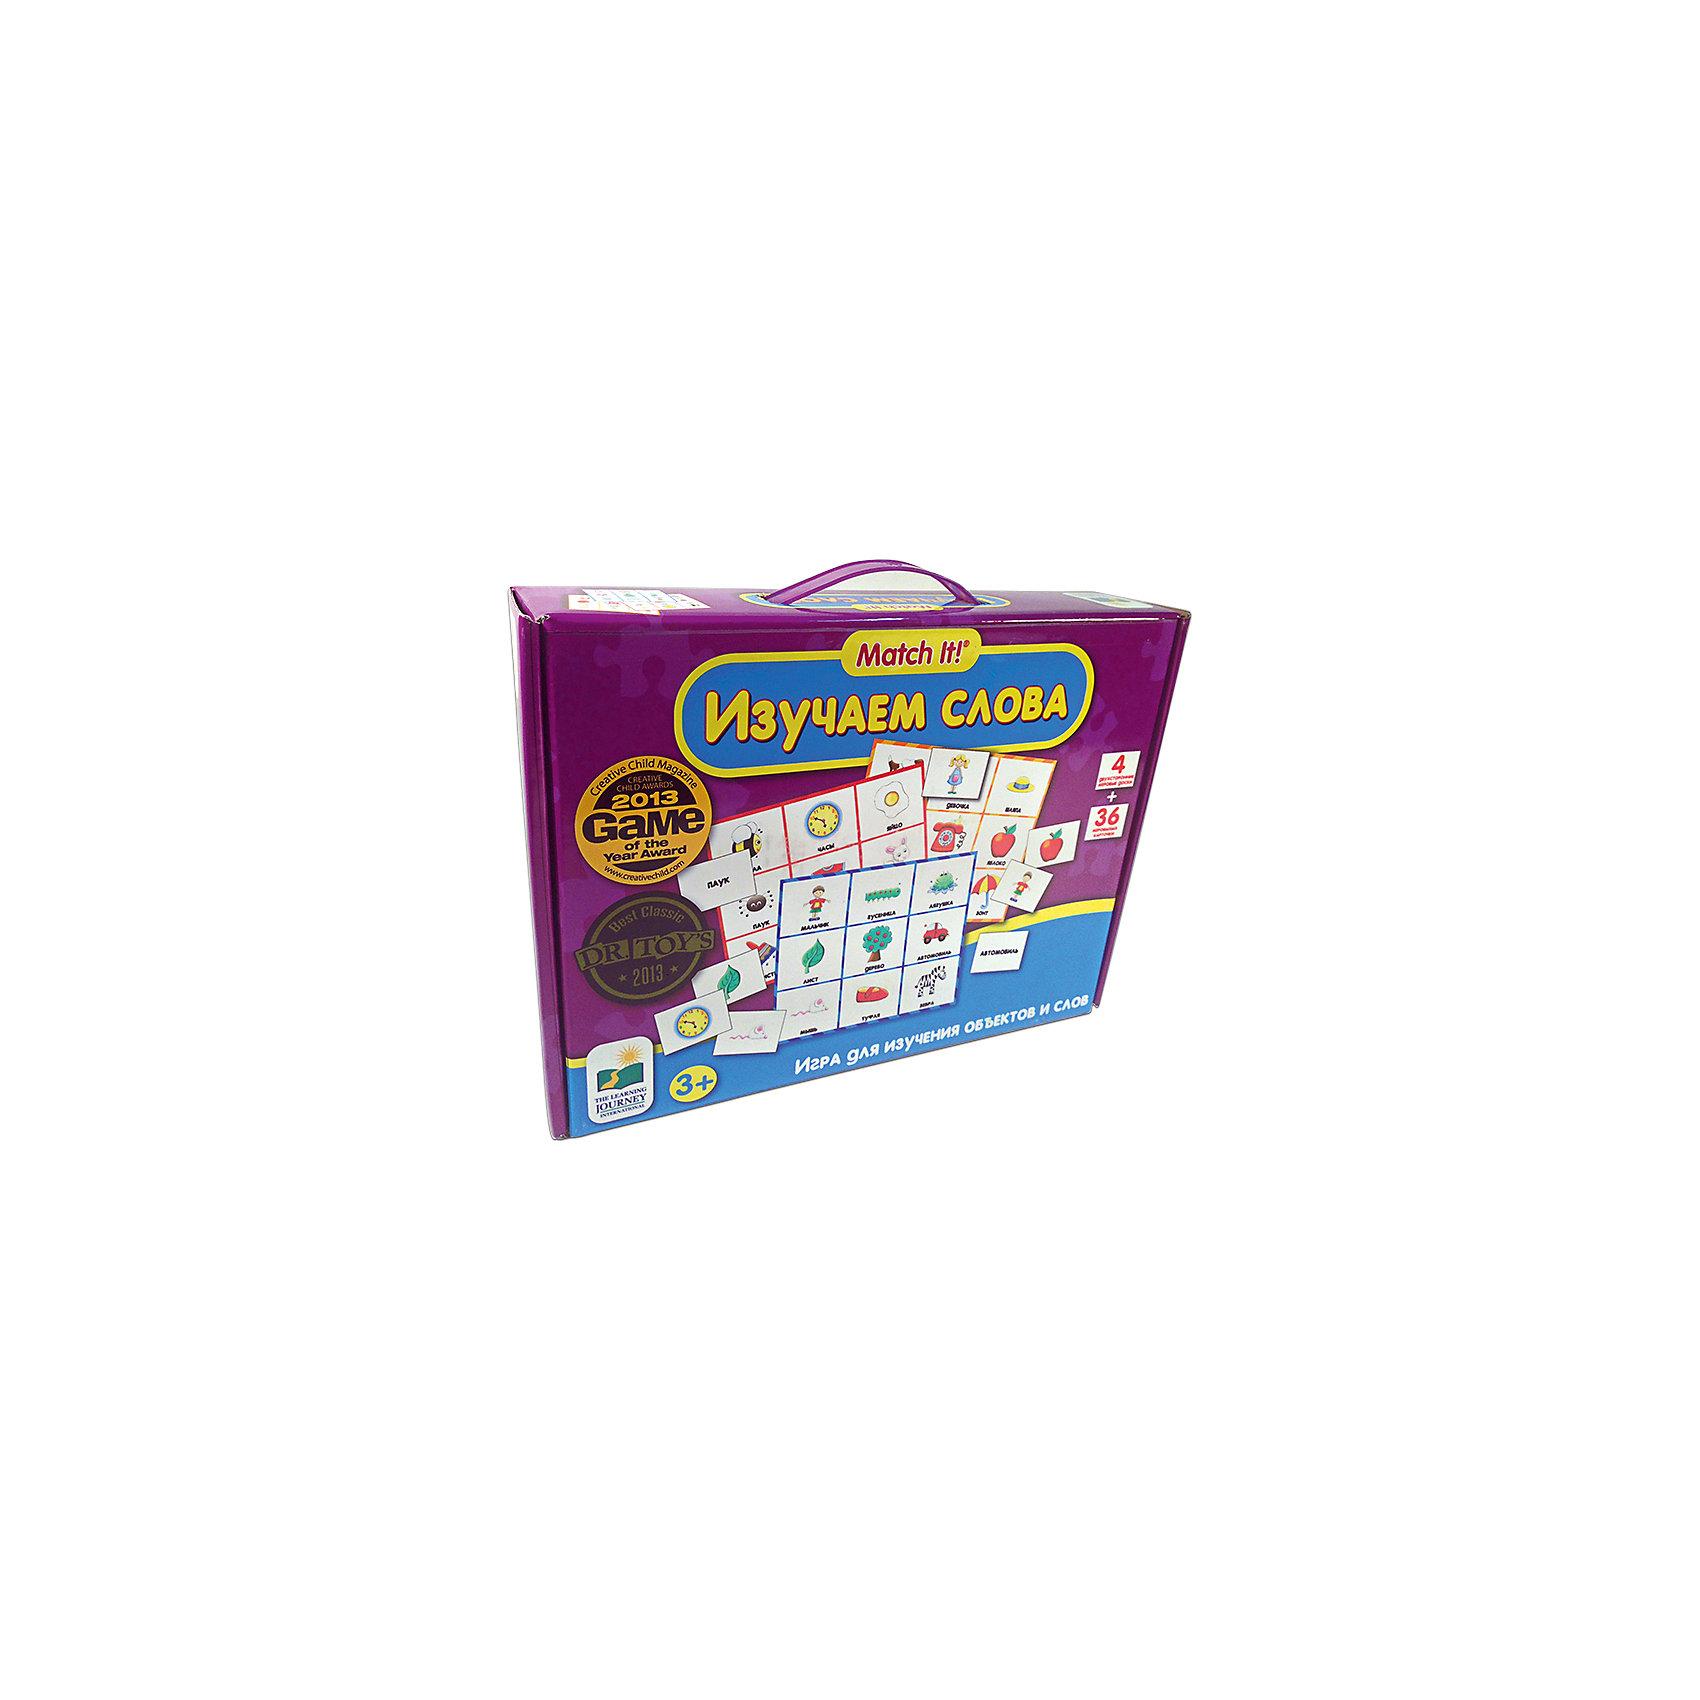 Настольная игра Математика, 30 пазлов из 2-х элементов, учим основы математики, от 3 лет